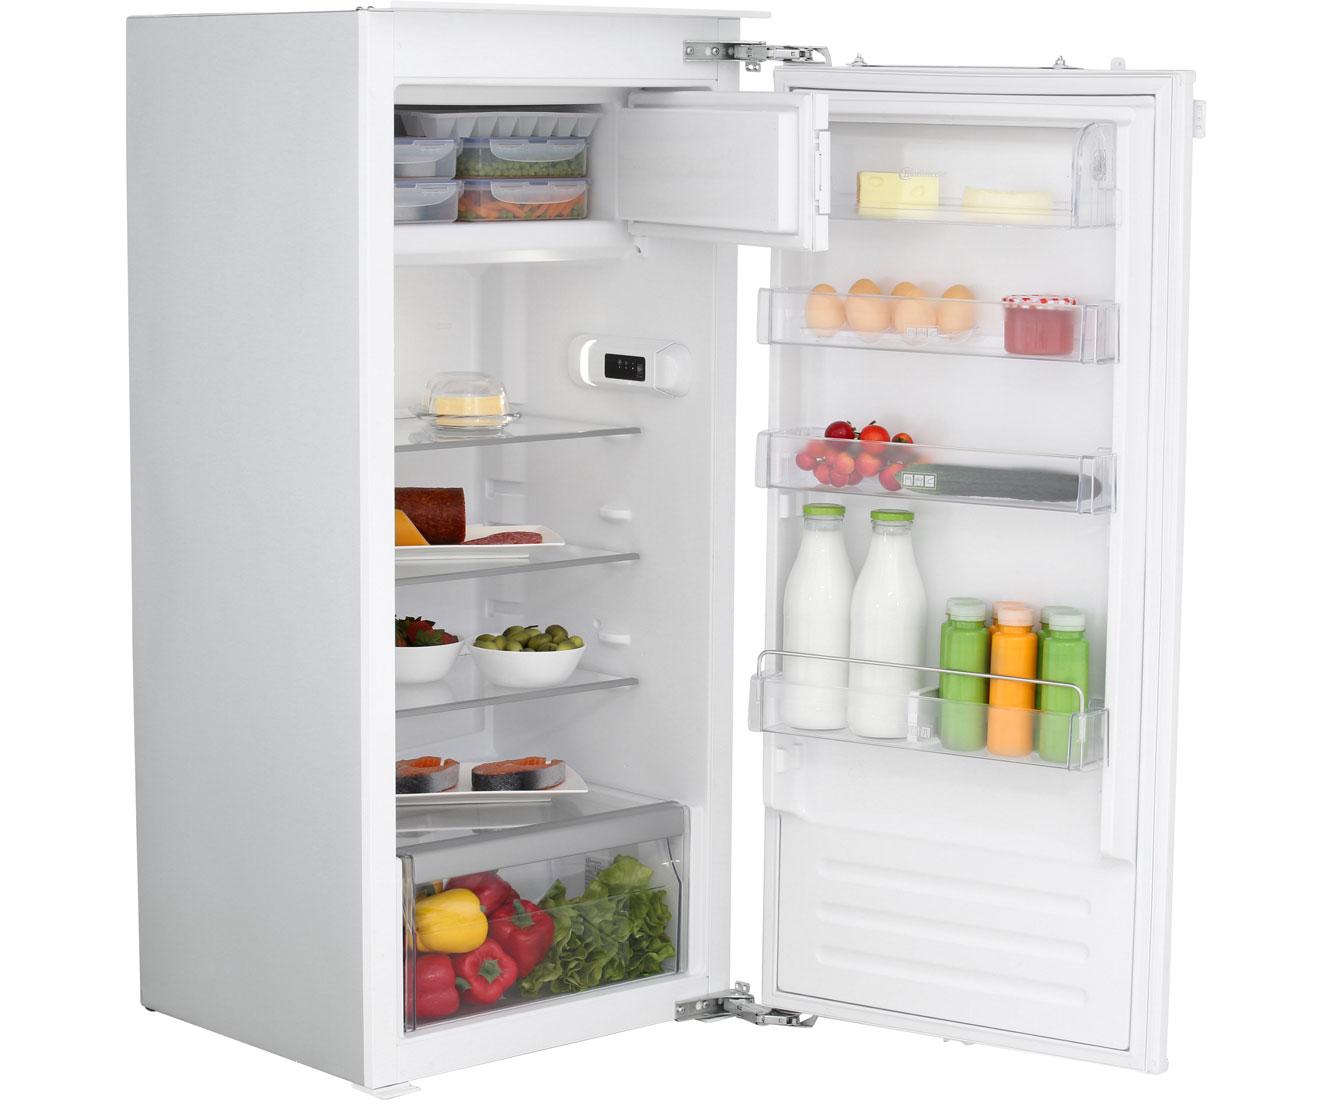 Kühlschrank Nach Aufbau Stehen Lassen : Bauknecht kvie a einbau kühlschrank mit gefrierfach er